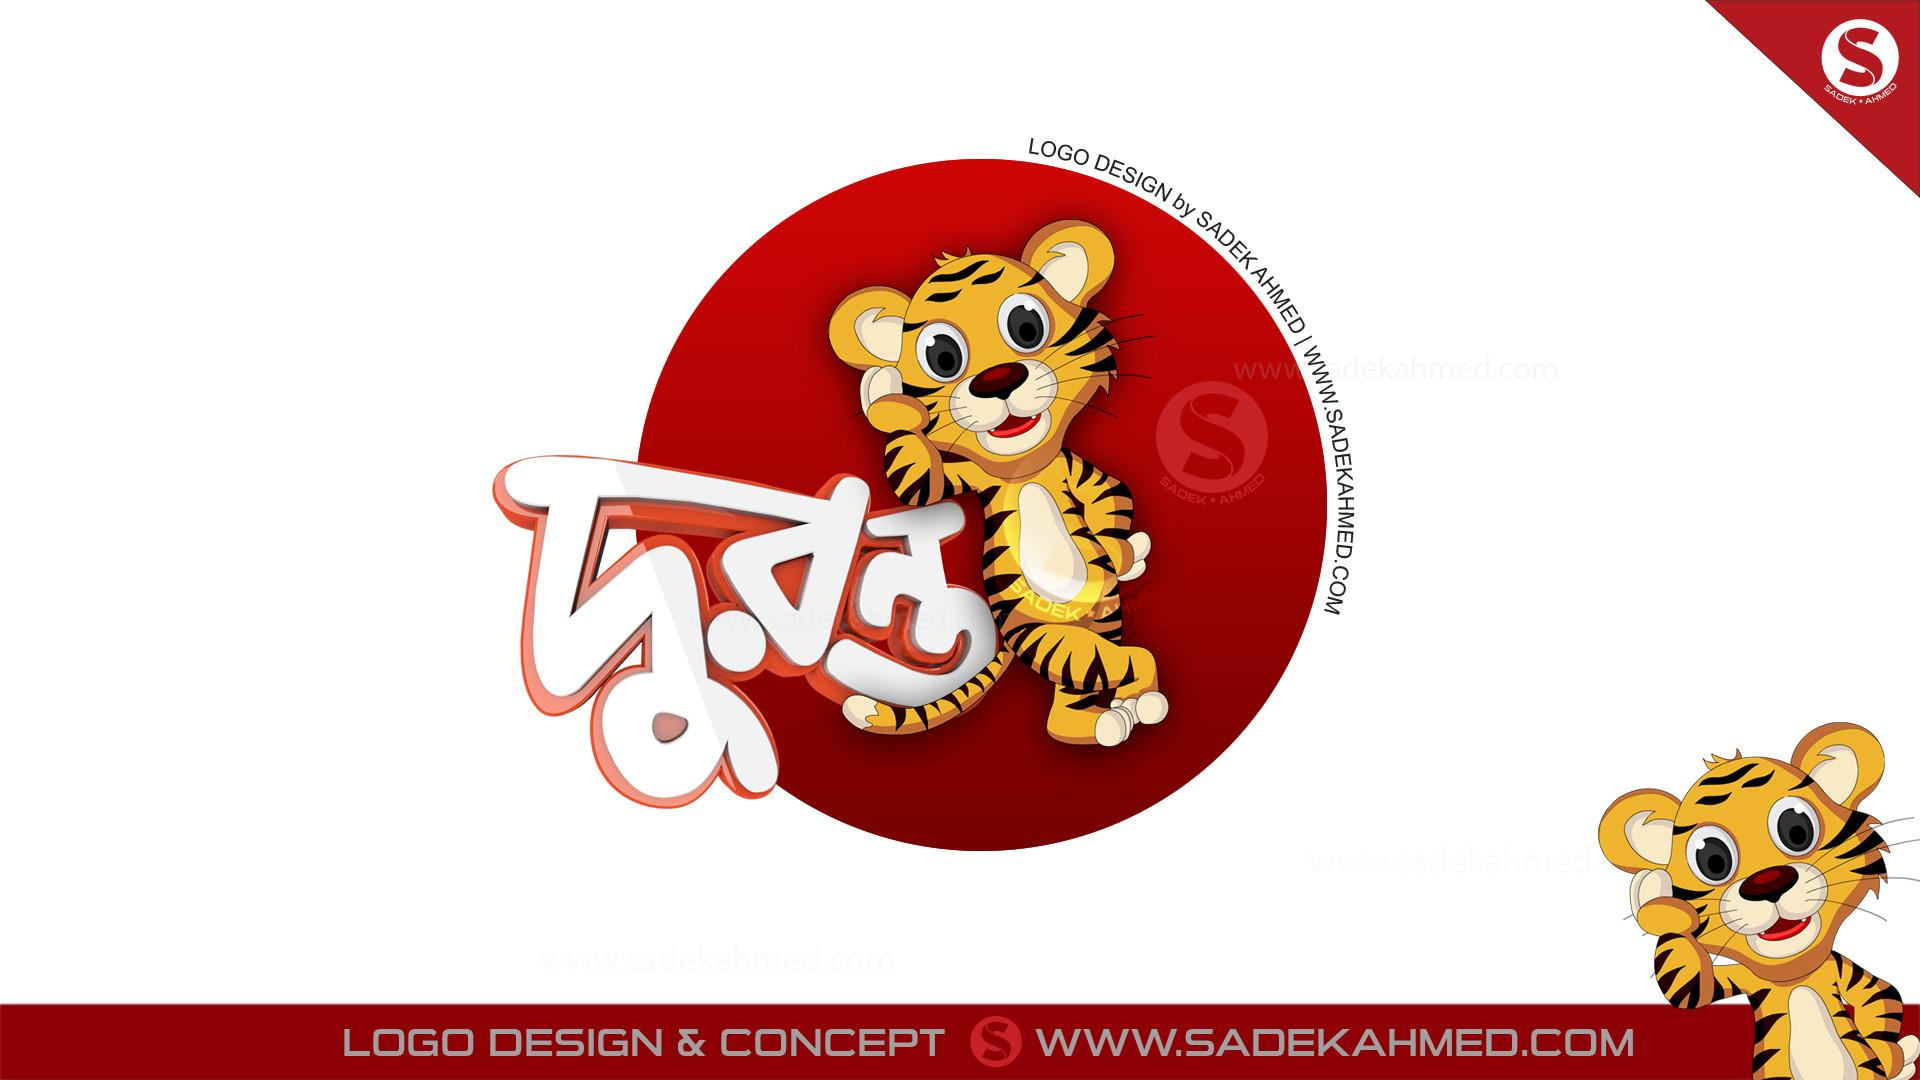 ArtStation - DURONTO TV Logo Design by SADEK AHMED | www